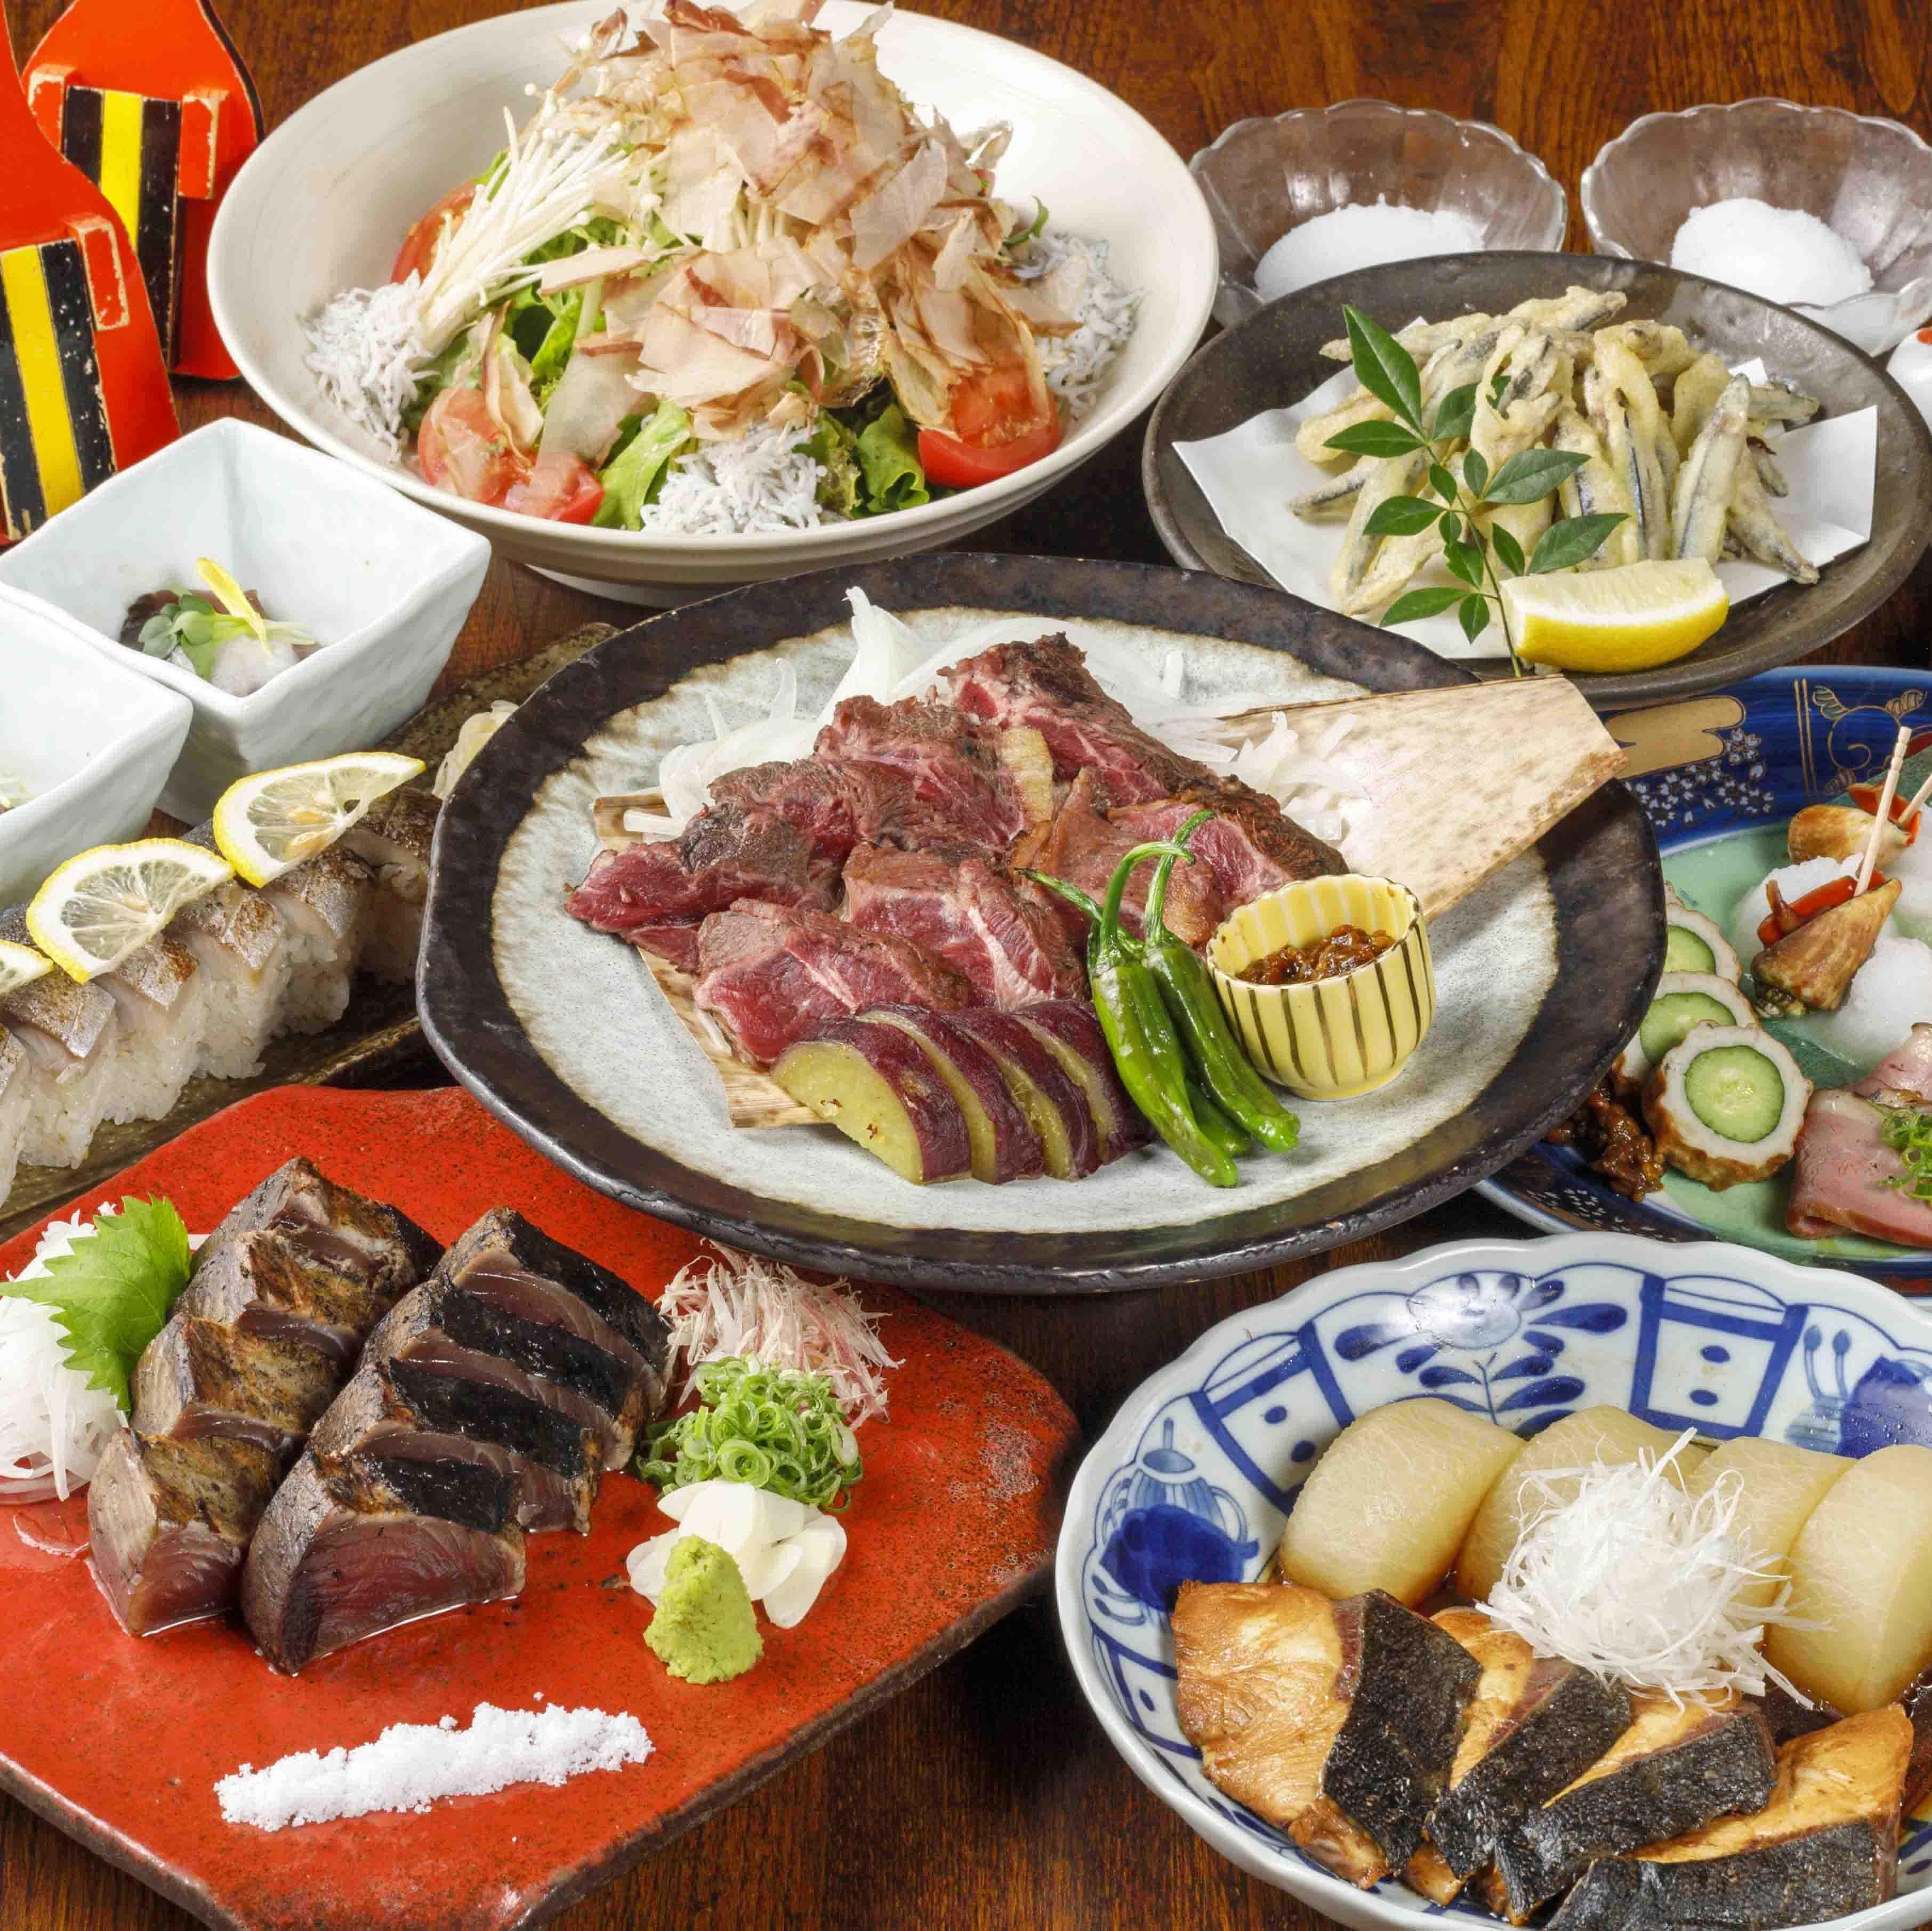 [曜日限定] [2時間飲み放題] 鰹の藁焼き×鰻の土鍋飯 はりまやコース11品